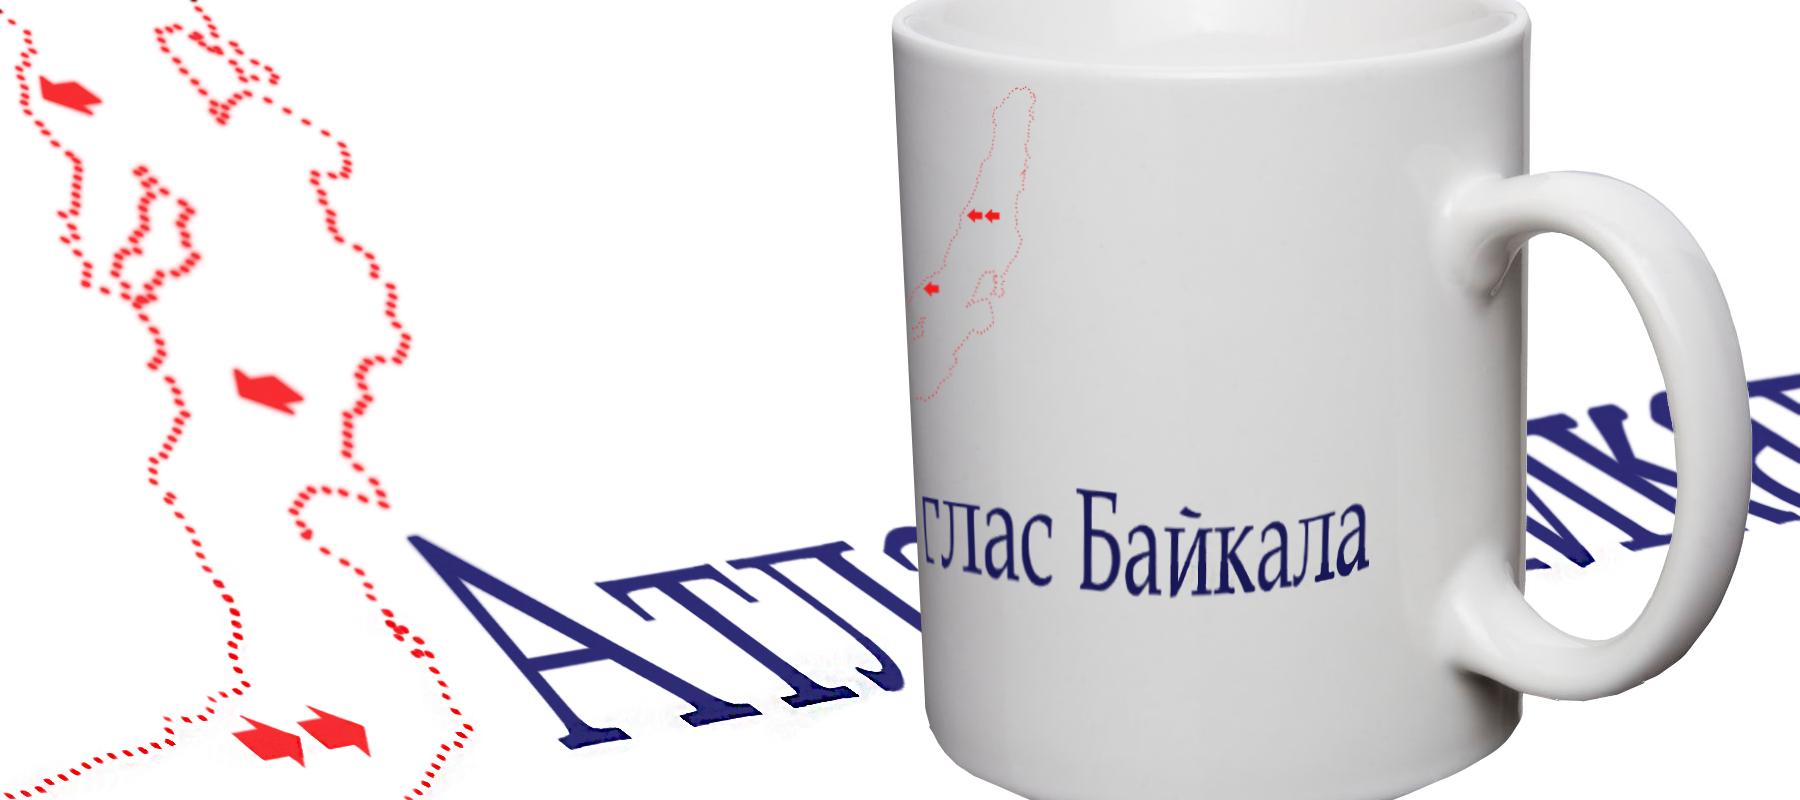 Разработка логотипа Атлас Байкала фото f_1385af94fc69f1fd.png